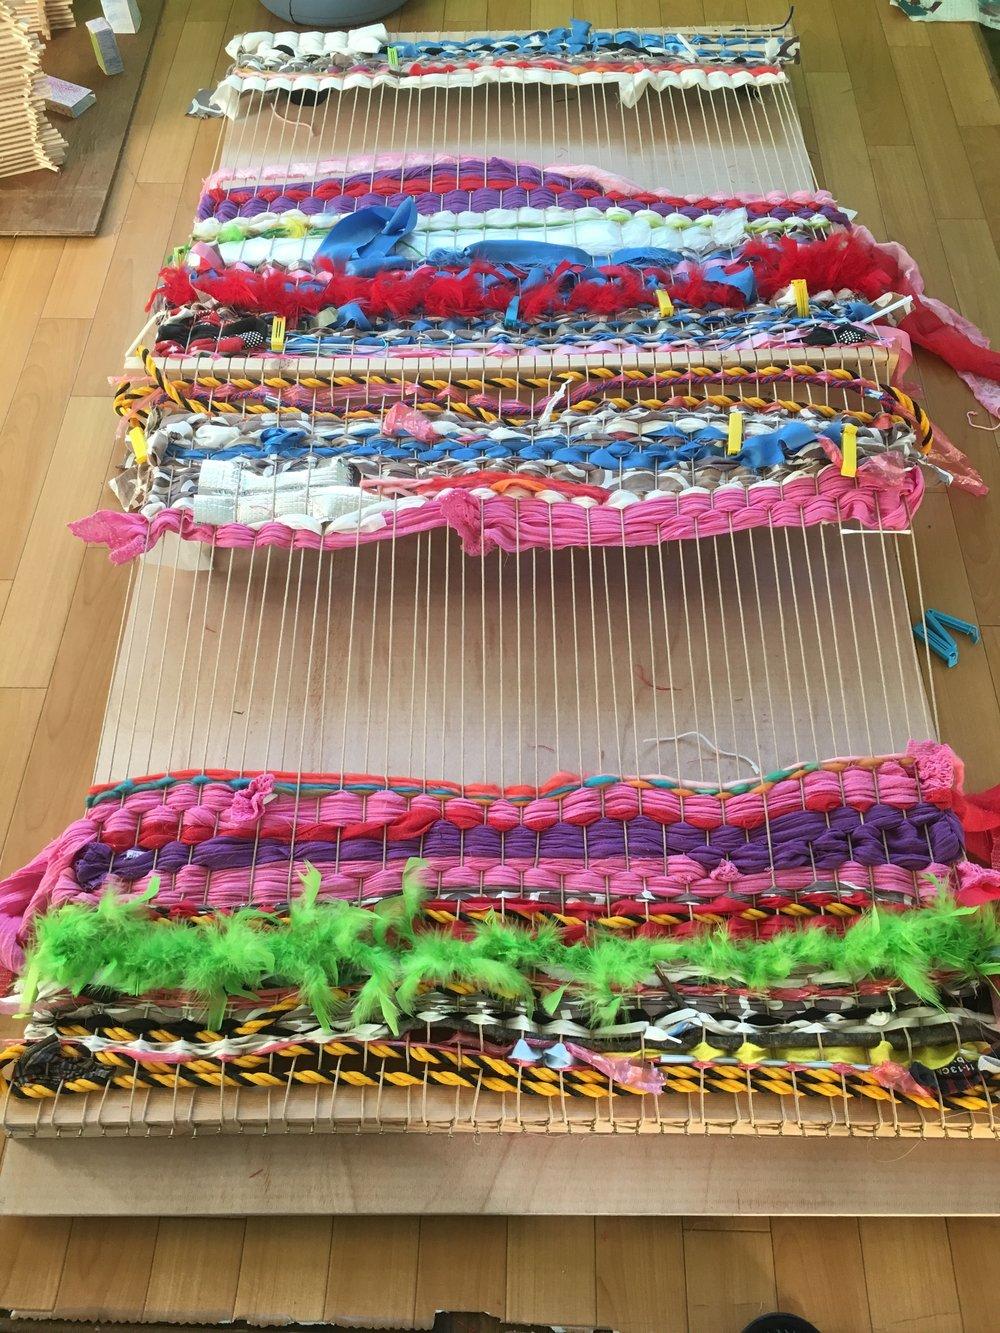 色彩豊か!4ヶ月をかけて装飾材料を集めたり購入したりしました。  ロープやプラスティック、リボン、スカーフ、羽毛、生地を編機に編み込みました。 児童が次は何を入れるのか楽しみです!